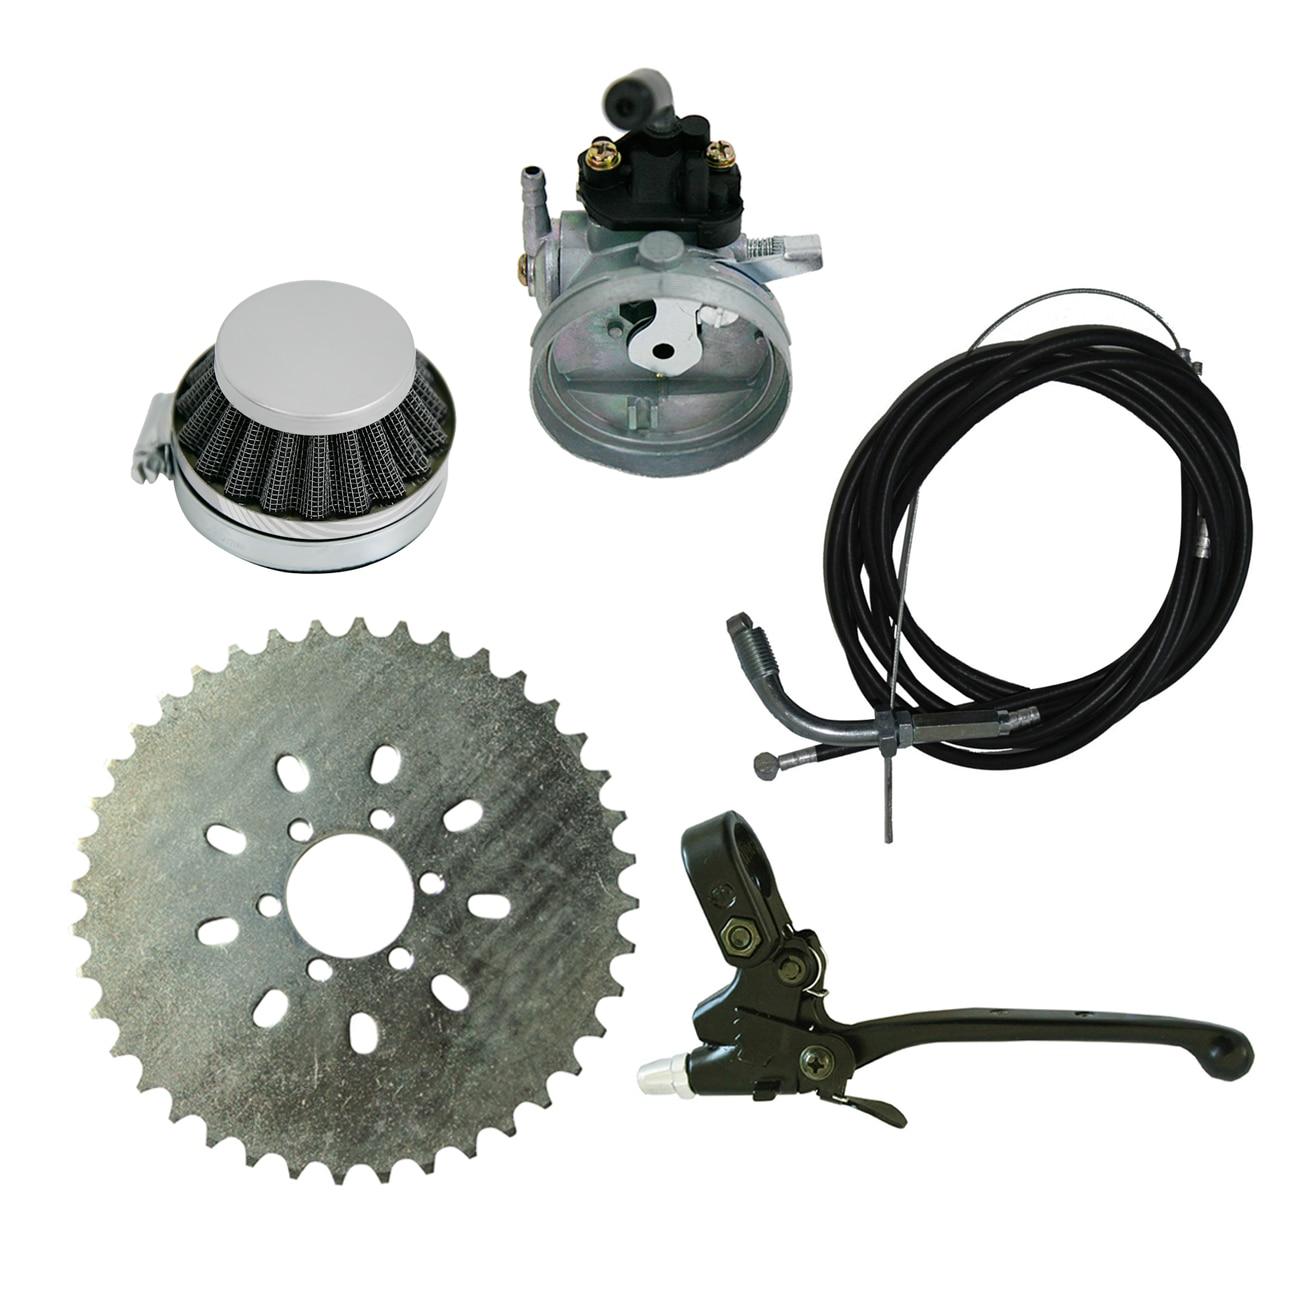 Kit carburateur et pignon de levier d'embrayage pour vélo motorisé 60cc 66cc 80cc